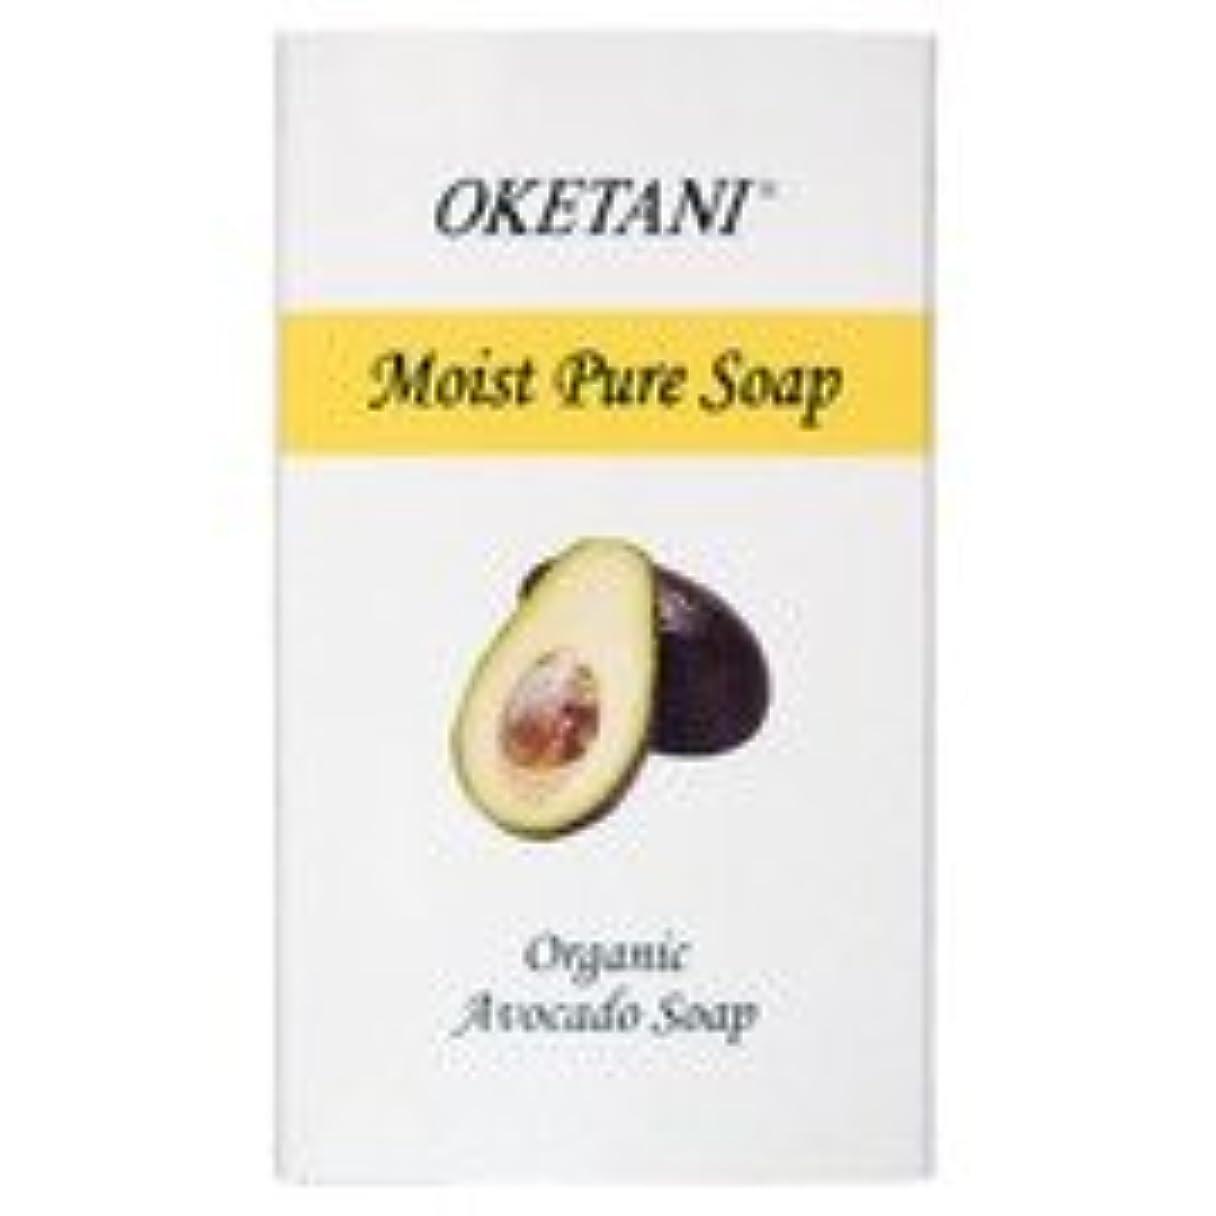 病弱包括的別に[OKETANI]モイスチャーオーガニックアボガド石鹸